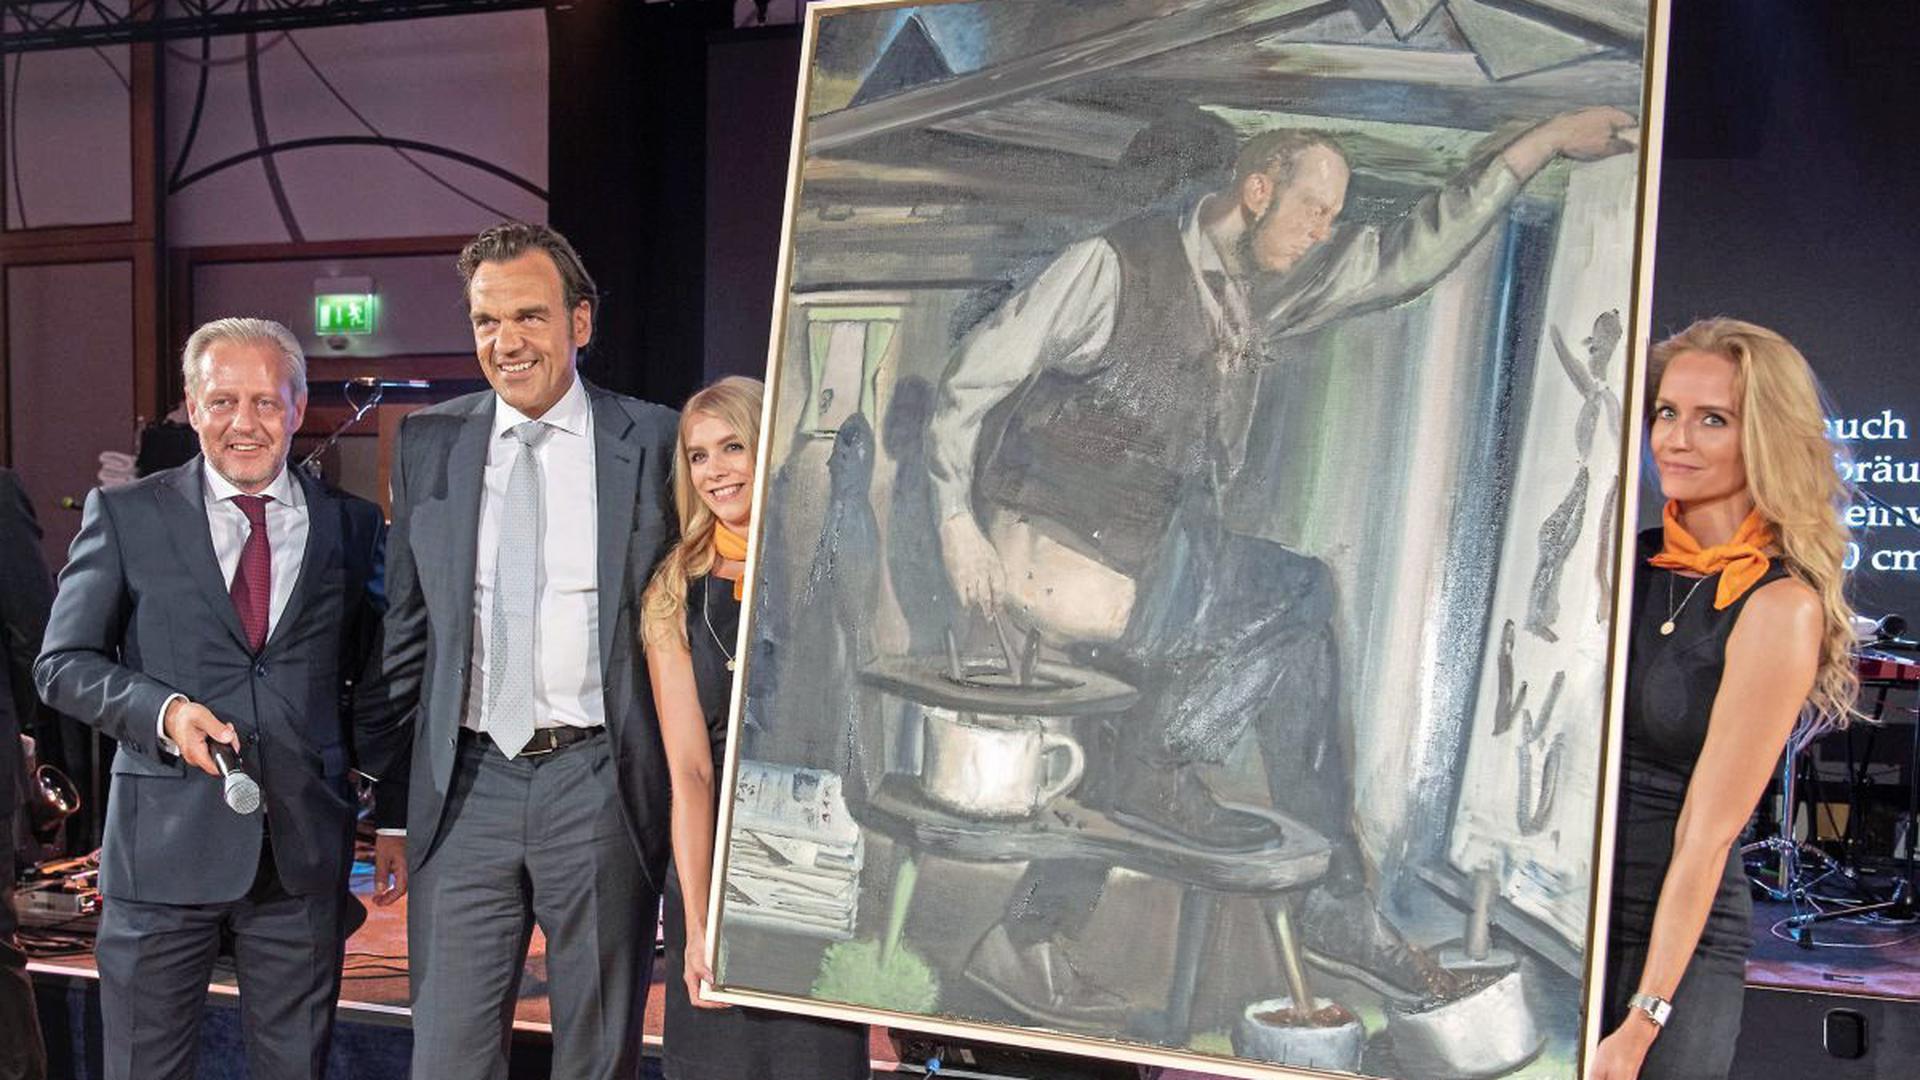 """Zum Ersten, zum Zweiten, zum Dritten: Der Unternehmer Christoph Gröner (Zweiter von links) erwarb für 750.000 Euro Neo Rauchs Gemälde """"Der Anbräuner"""". Darauf dargestellt ist Wolfgang Ullrich als Maler, der mit seiner Kacke auf einer Leinwand dilettiert."""